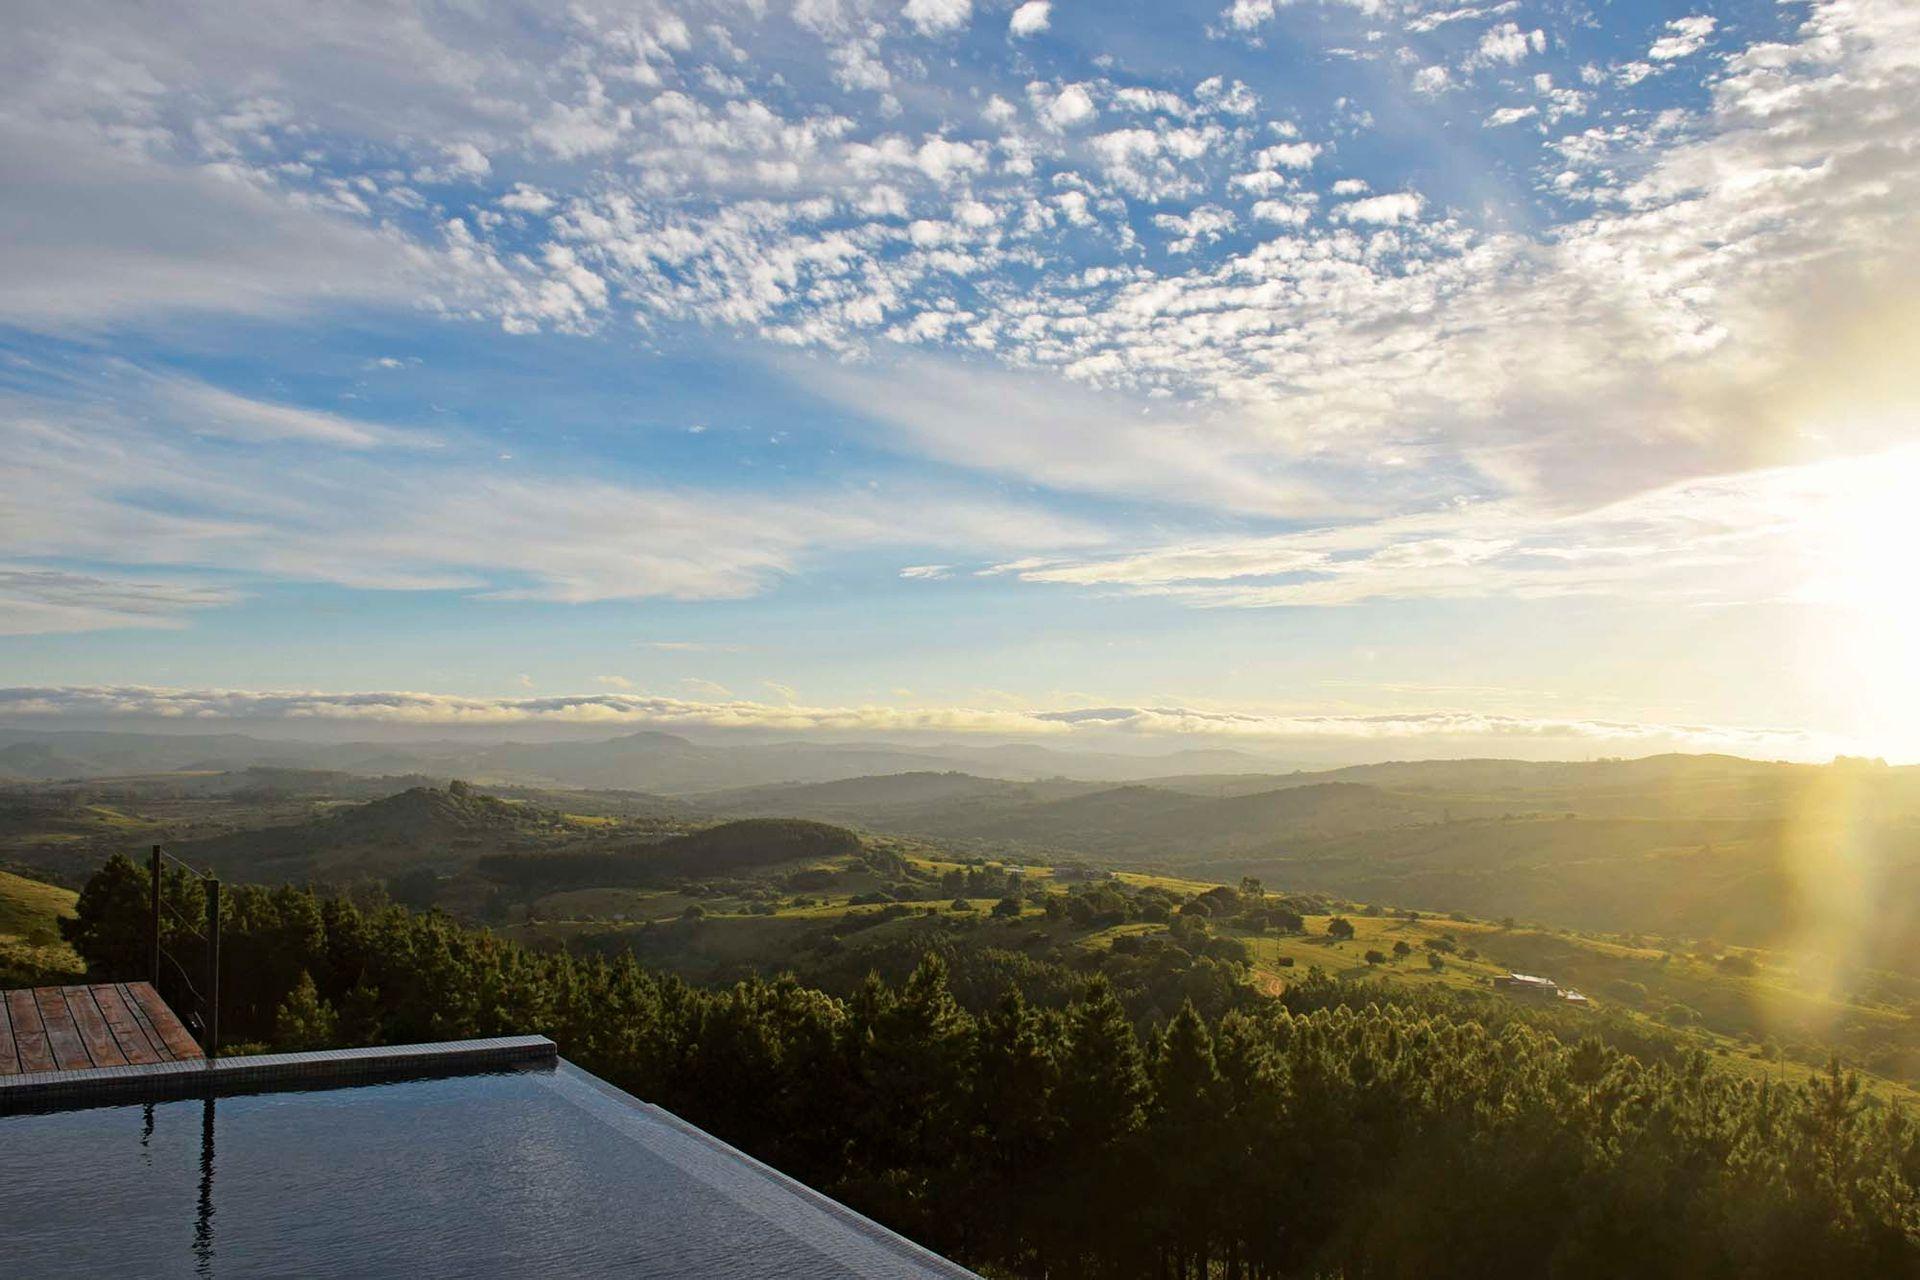 Cielo abierto y verde sierra: qué mejor para descansar y relajar.